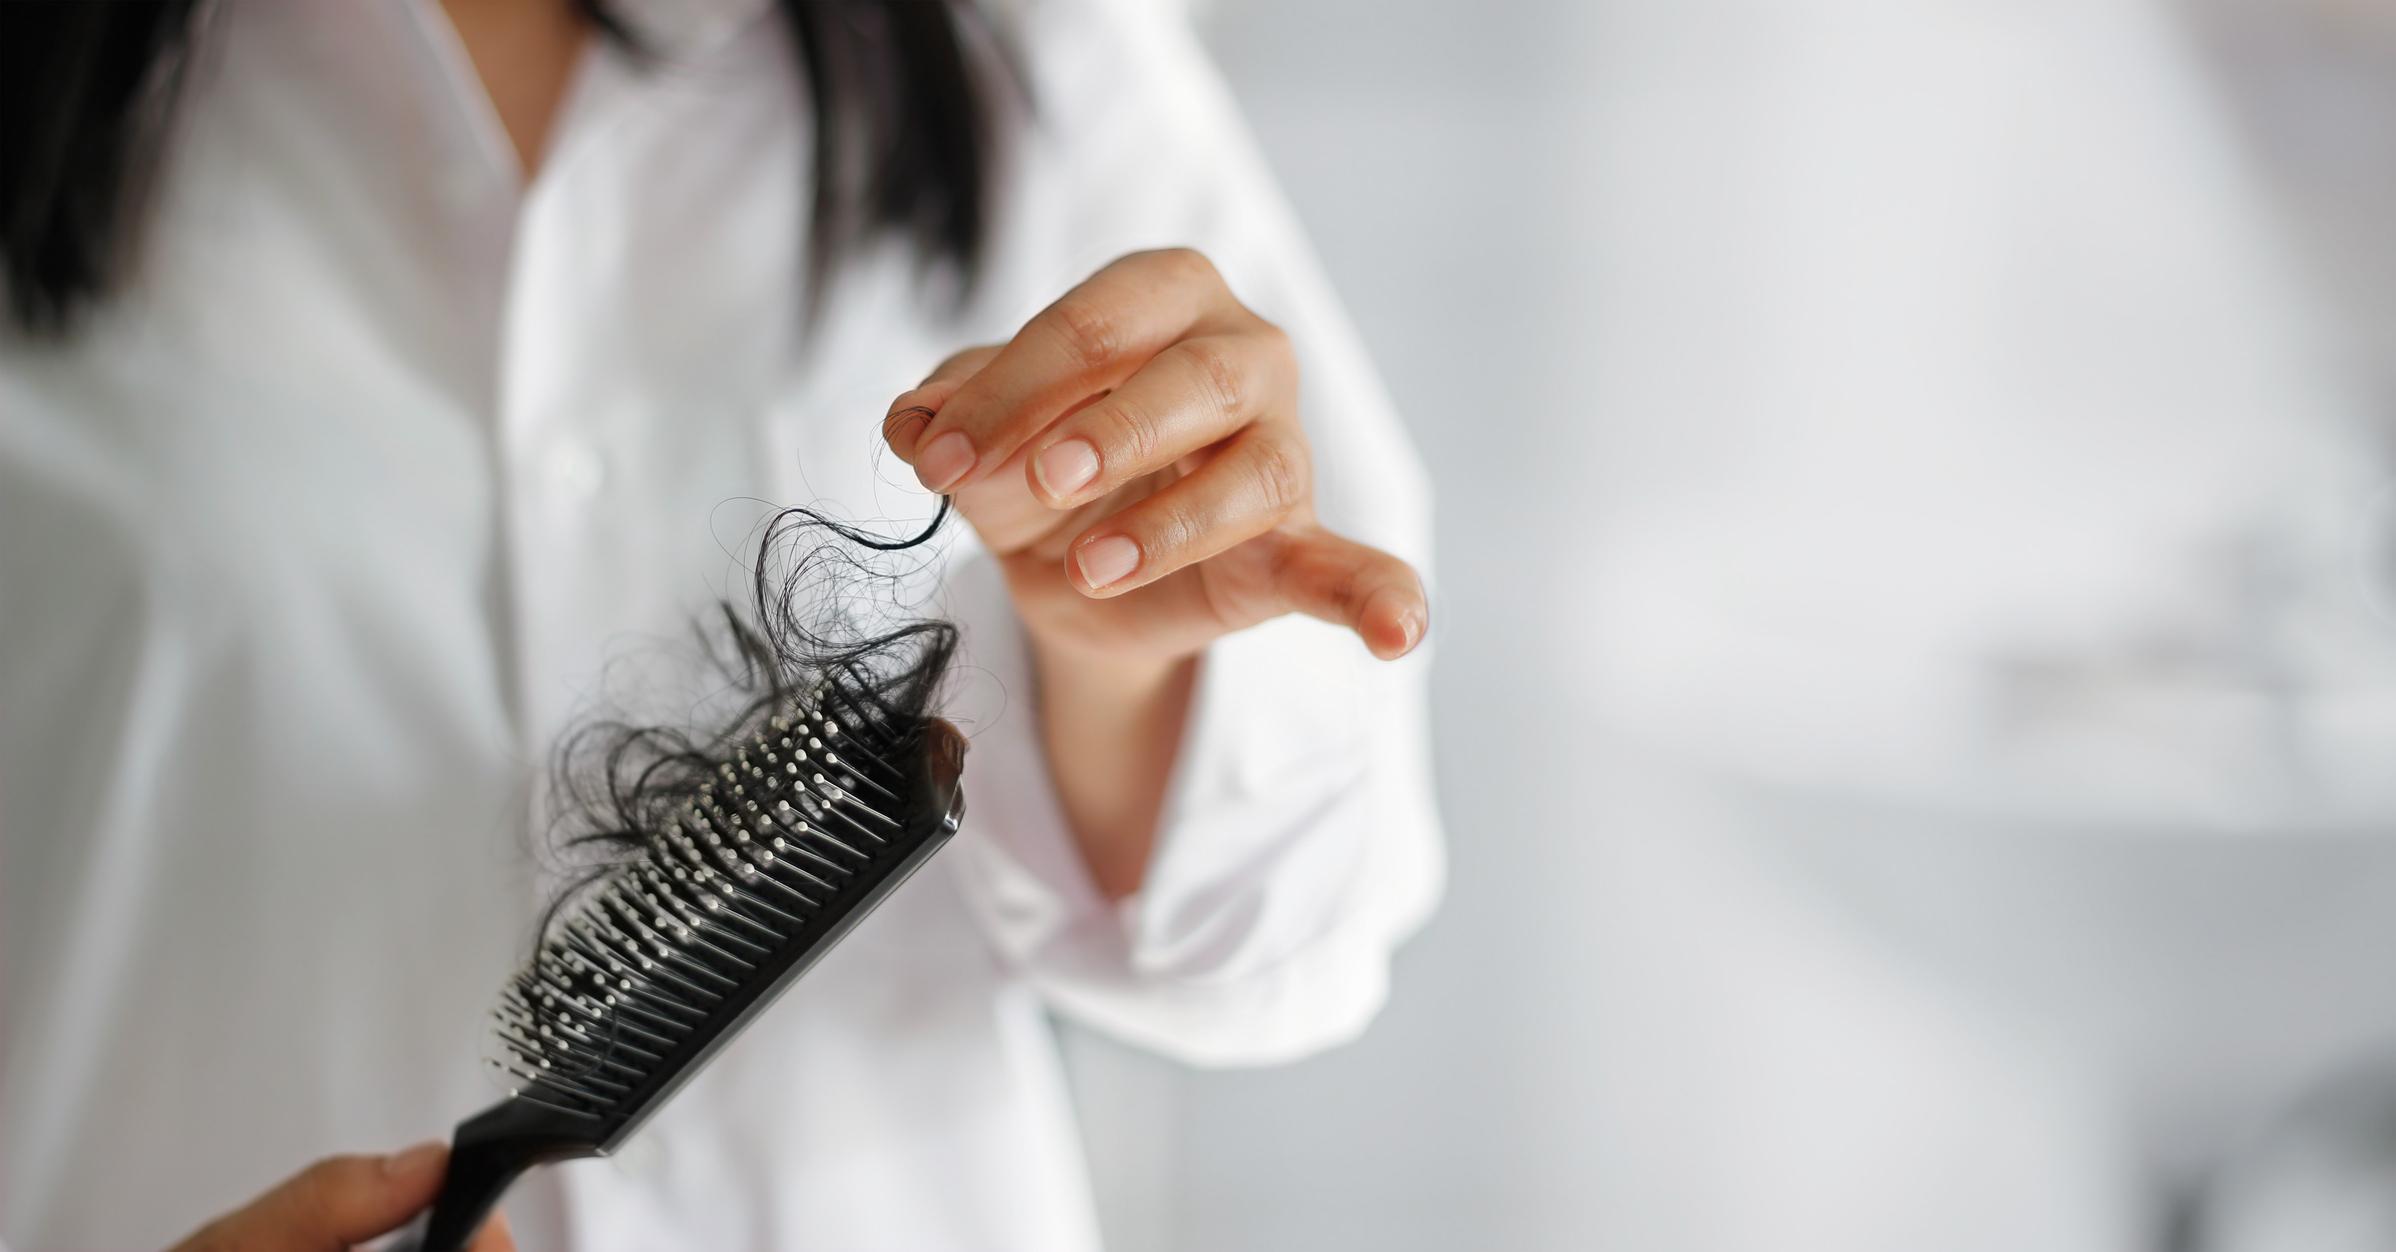 Muitas pessoas têm hábitos prejudiciais para o cabelo e nem desconfiam que afetam a saúde dos fios. Conheça os hábitos prejudiciais para o cabelo!